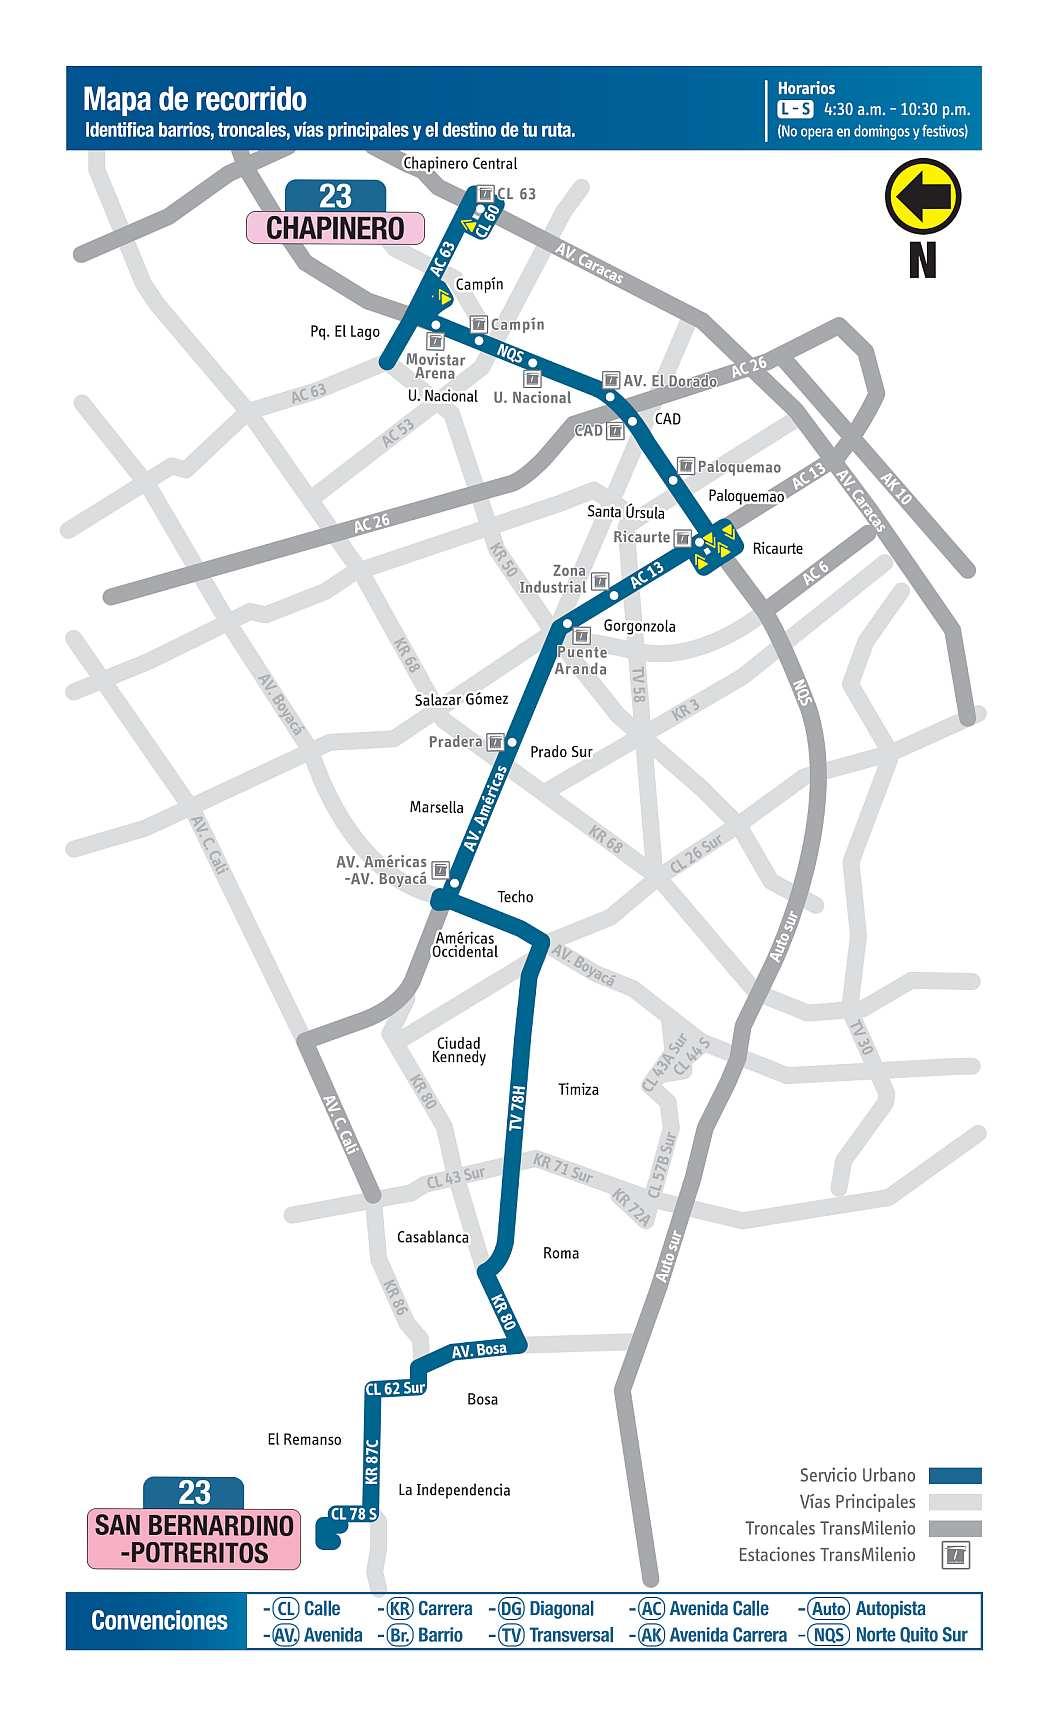 Bus urbano Bogotá - 23 San Bernardino Potreritos - Chapinero